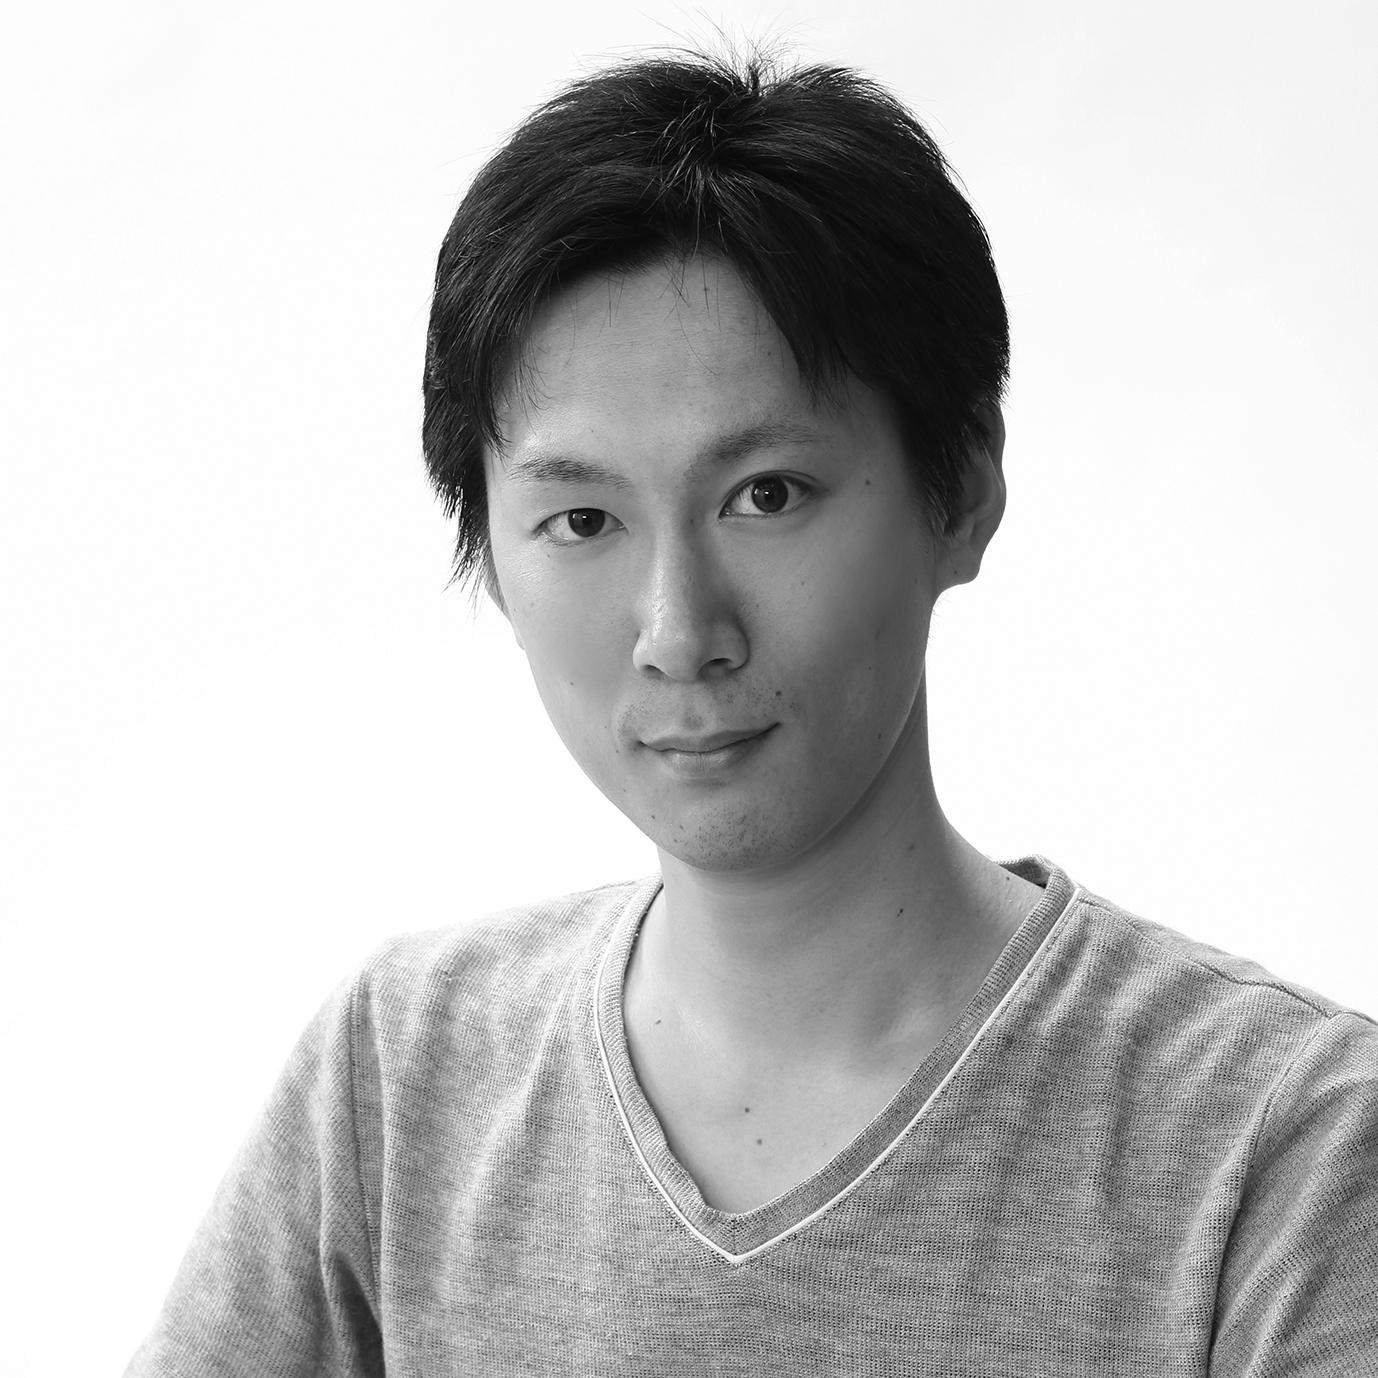 松尾 泰介